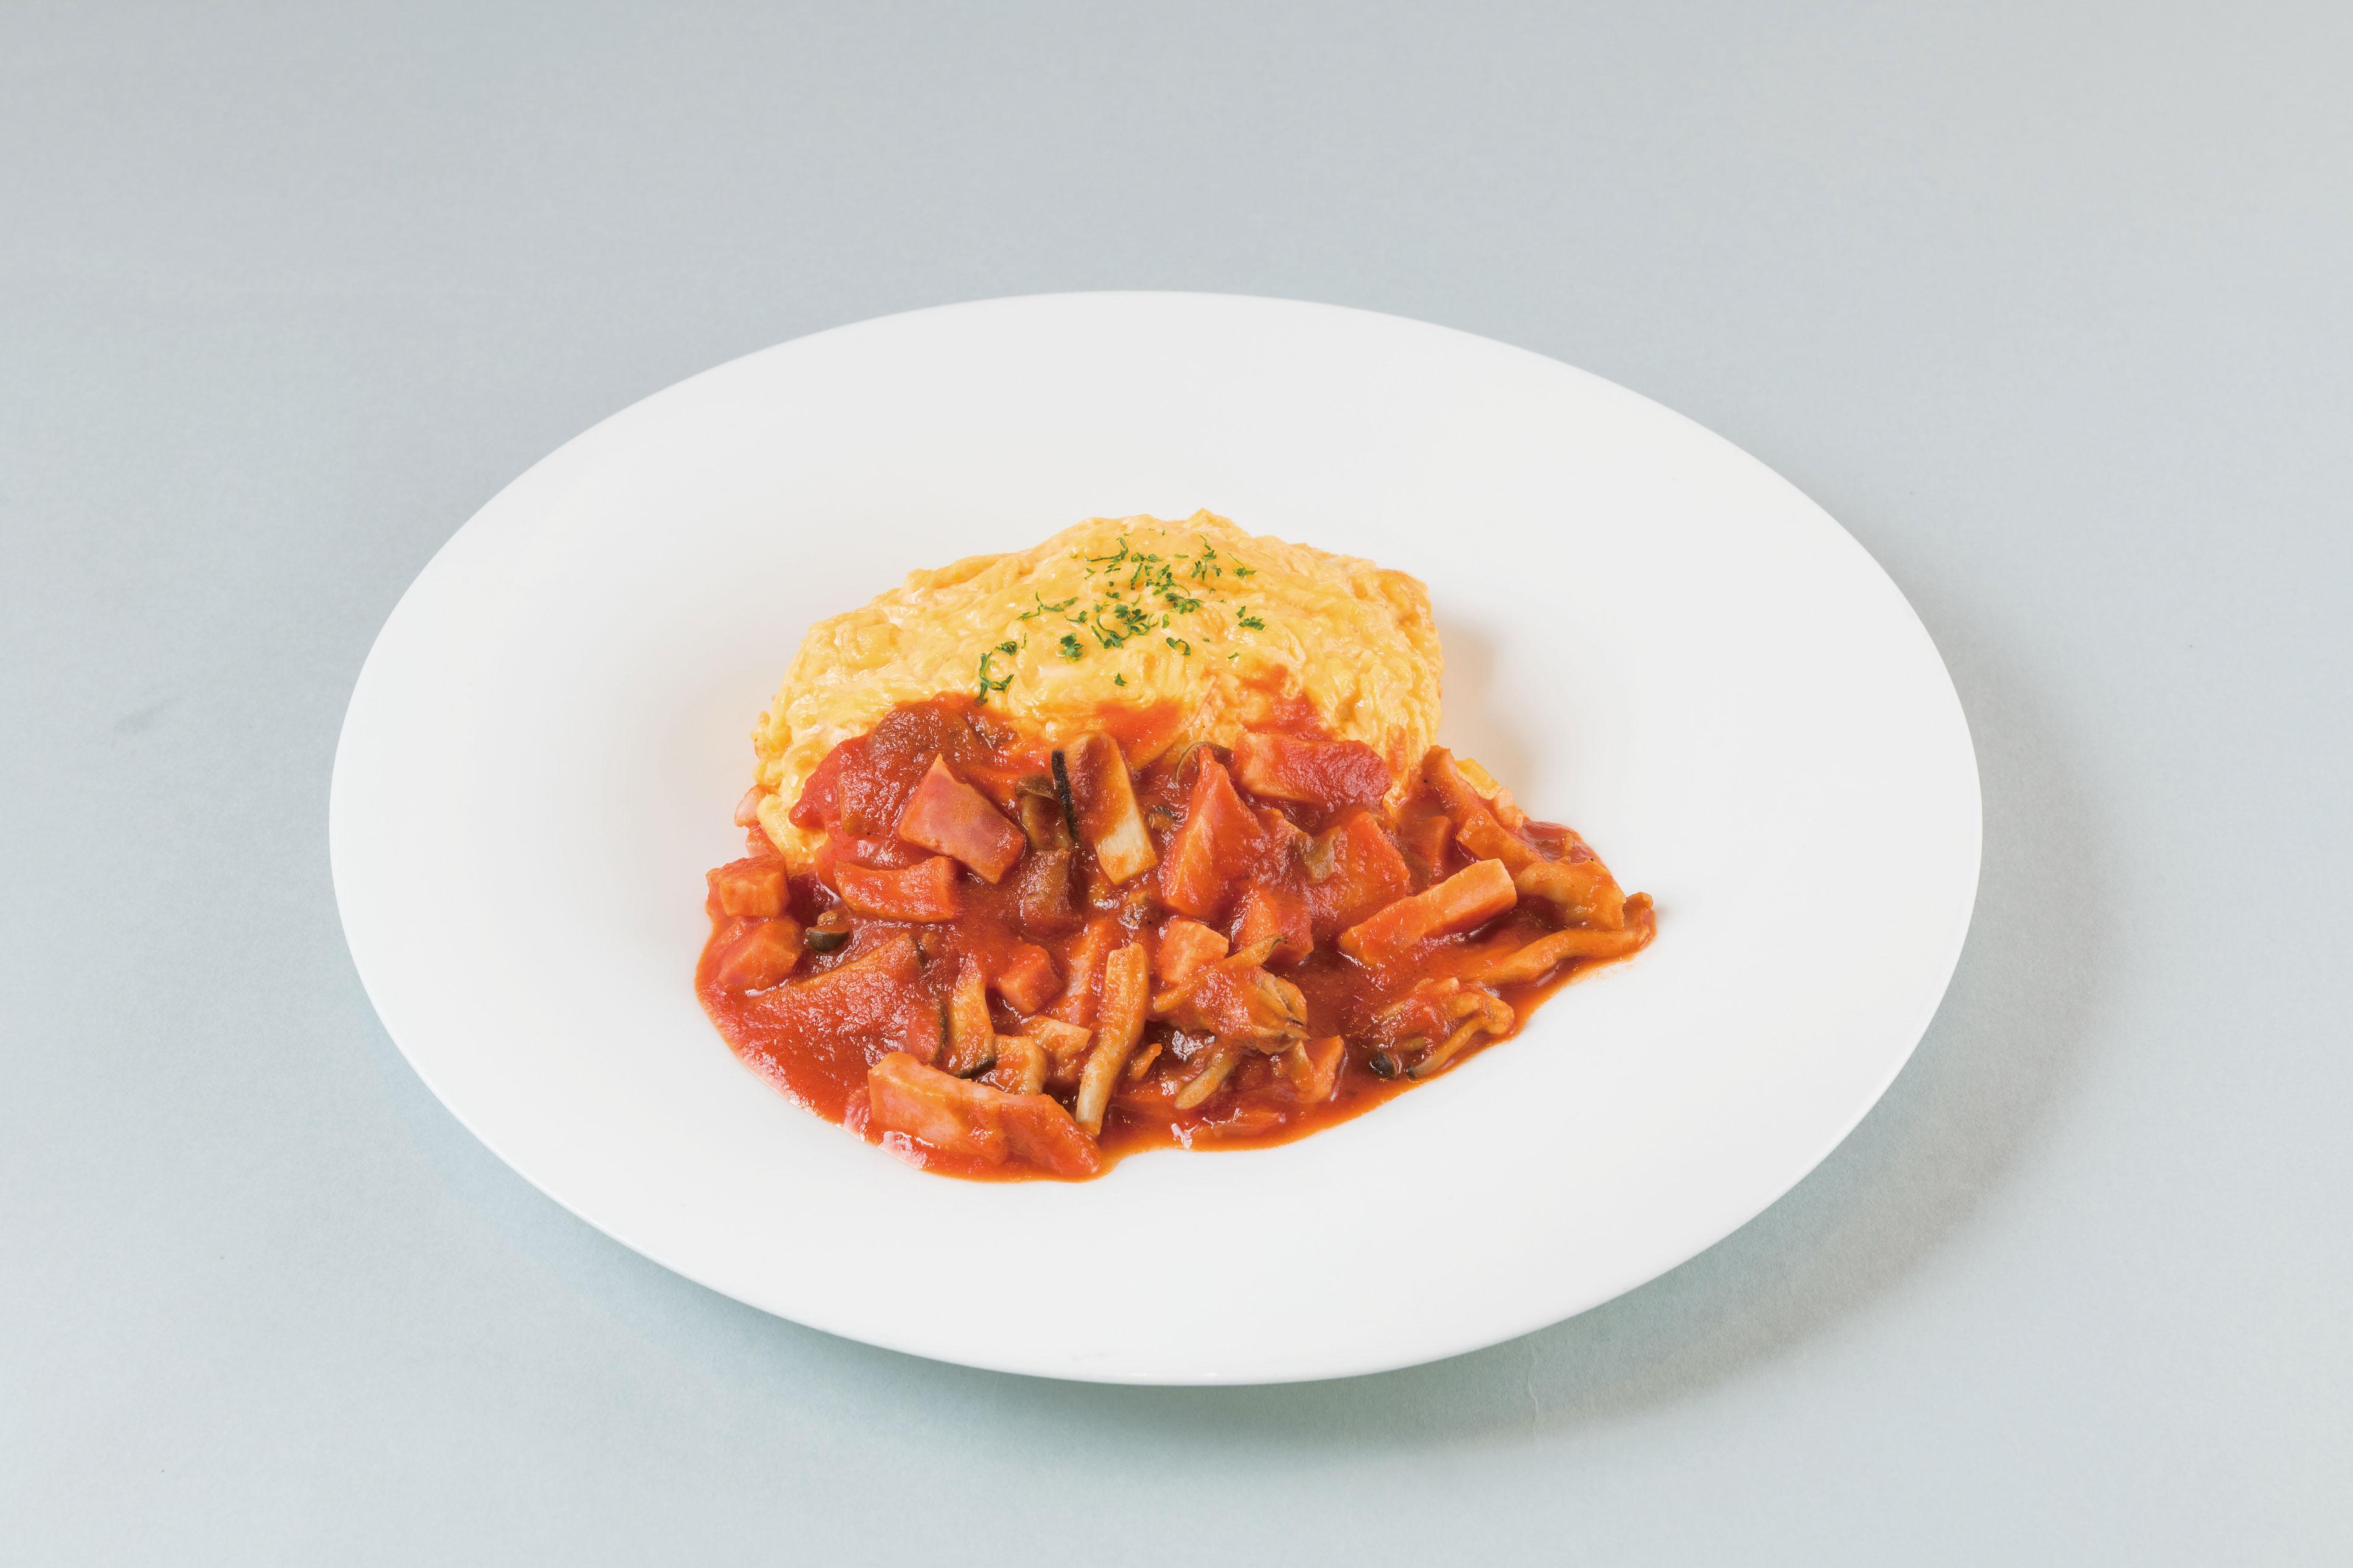 「ベーコンときのこたっぷりトマトオムライス(1080円)」。ランチタイムの食事にはミニサラダ付き、ドリンクは単品価格より200円引き